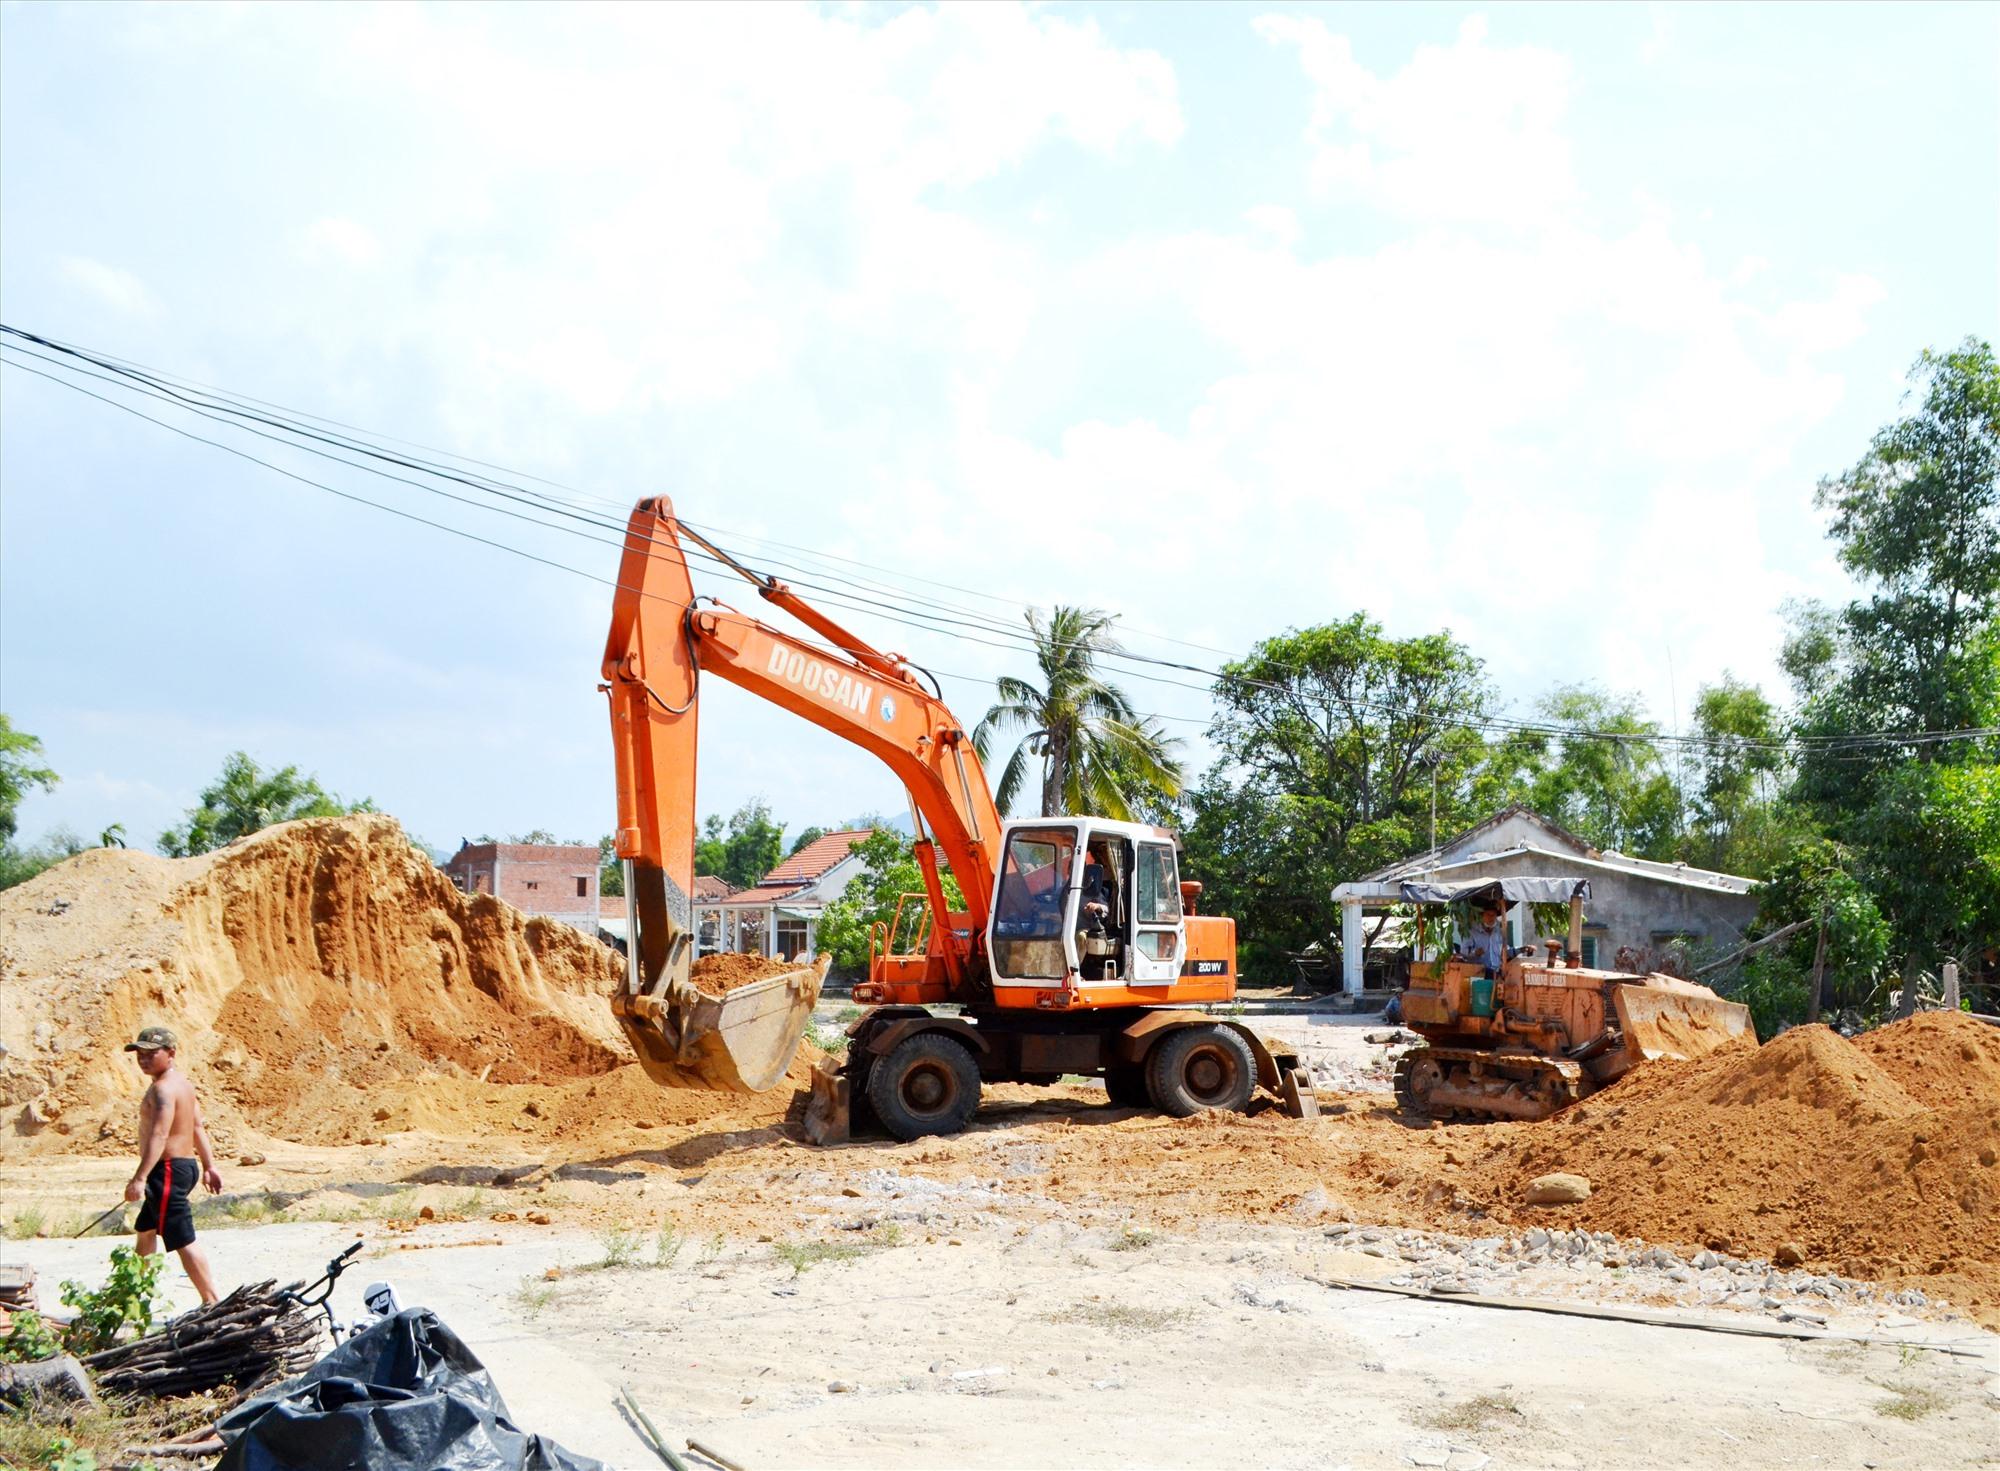 Nhà thầu thi công vị trí vừa nhận mặt bằng, đoạn gần nút giao tuyến ĐT620 với đường vào sân bay Chu Lai. Ảnh: C.T